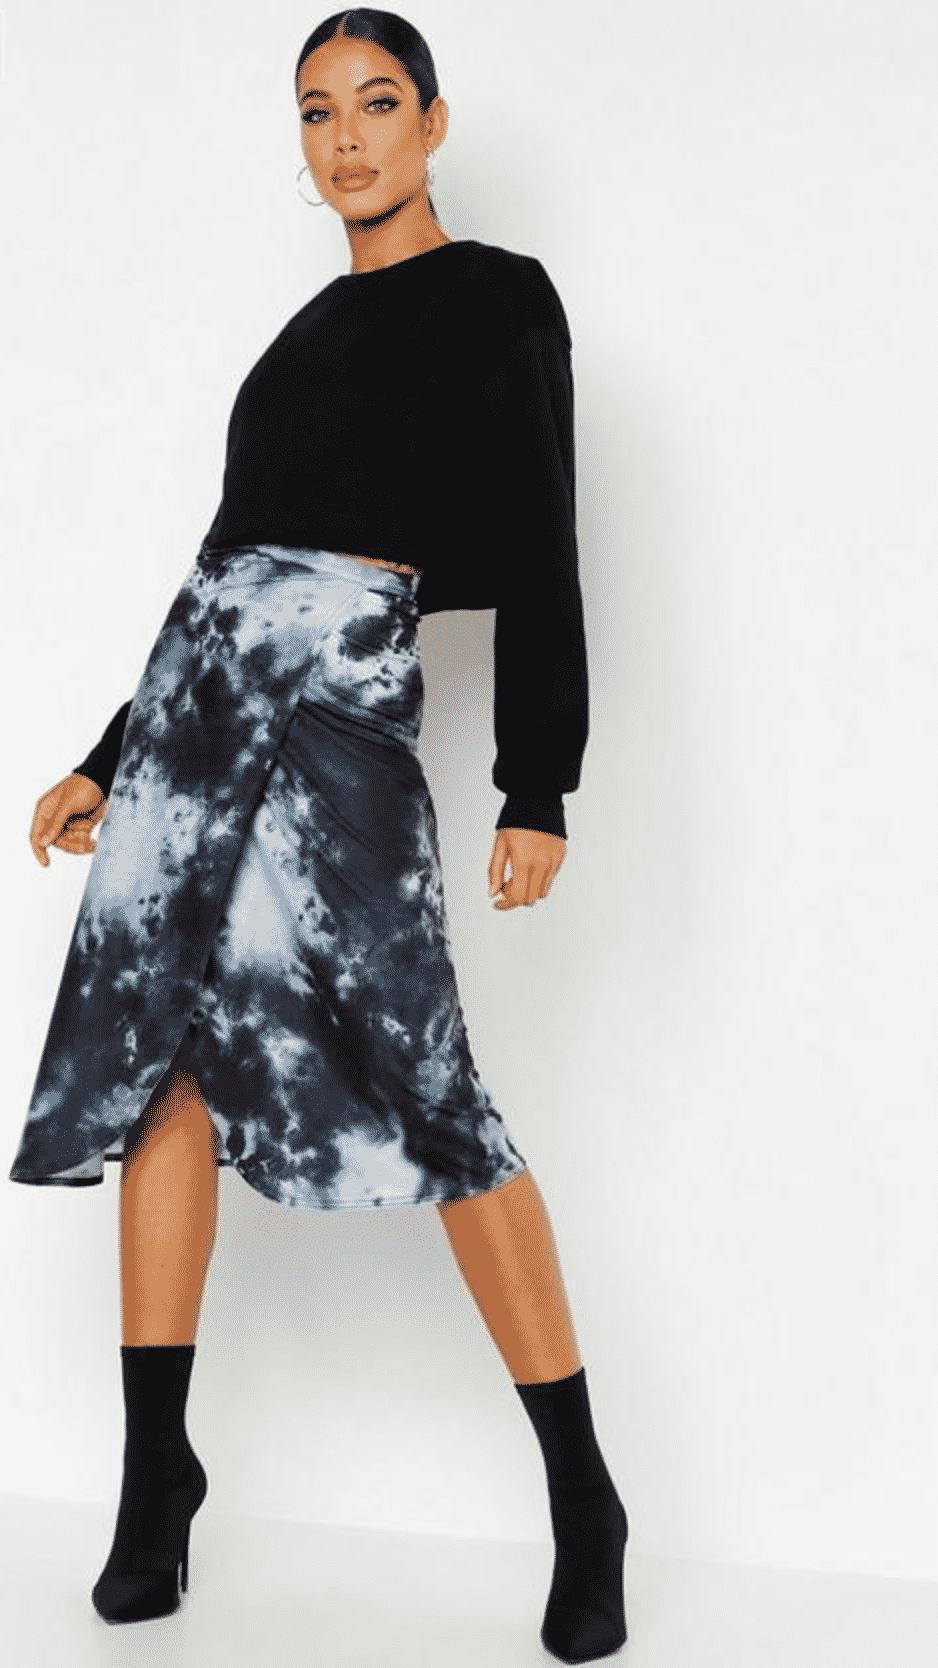 model in a wrap tie dye midi skirt